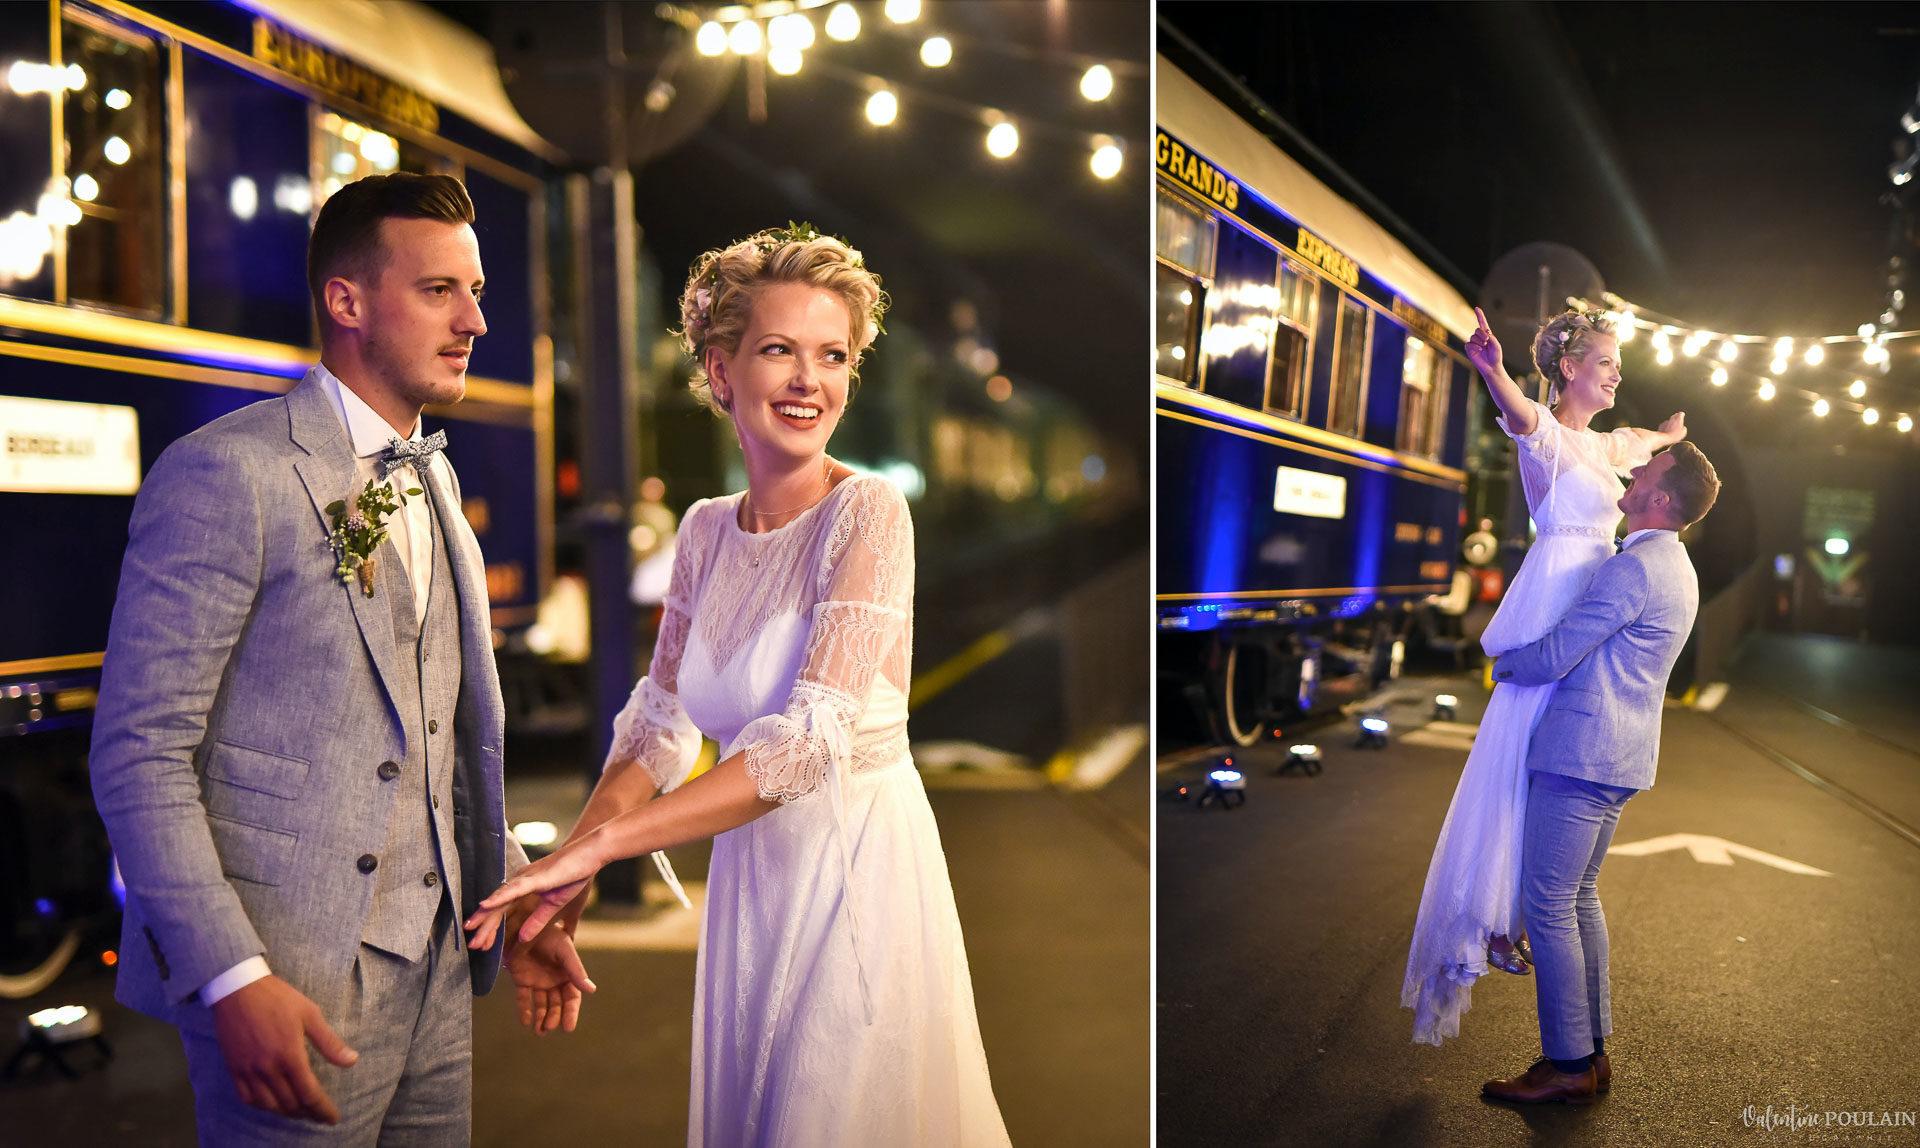 Mariage cité du train danser - Valentine Poulain